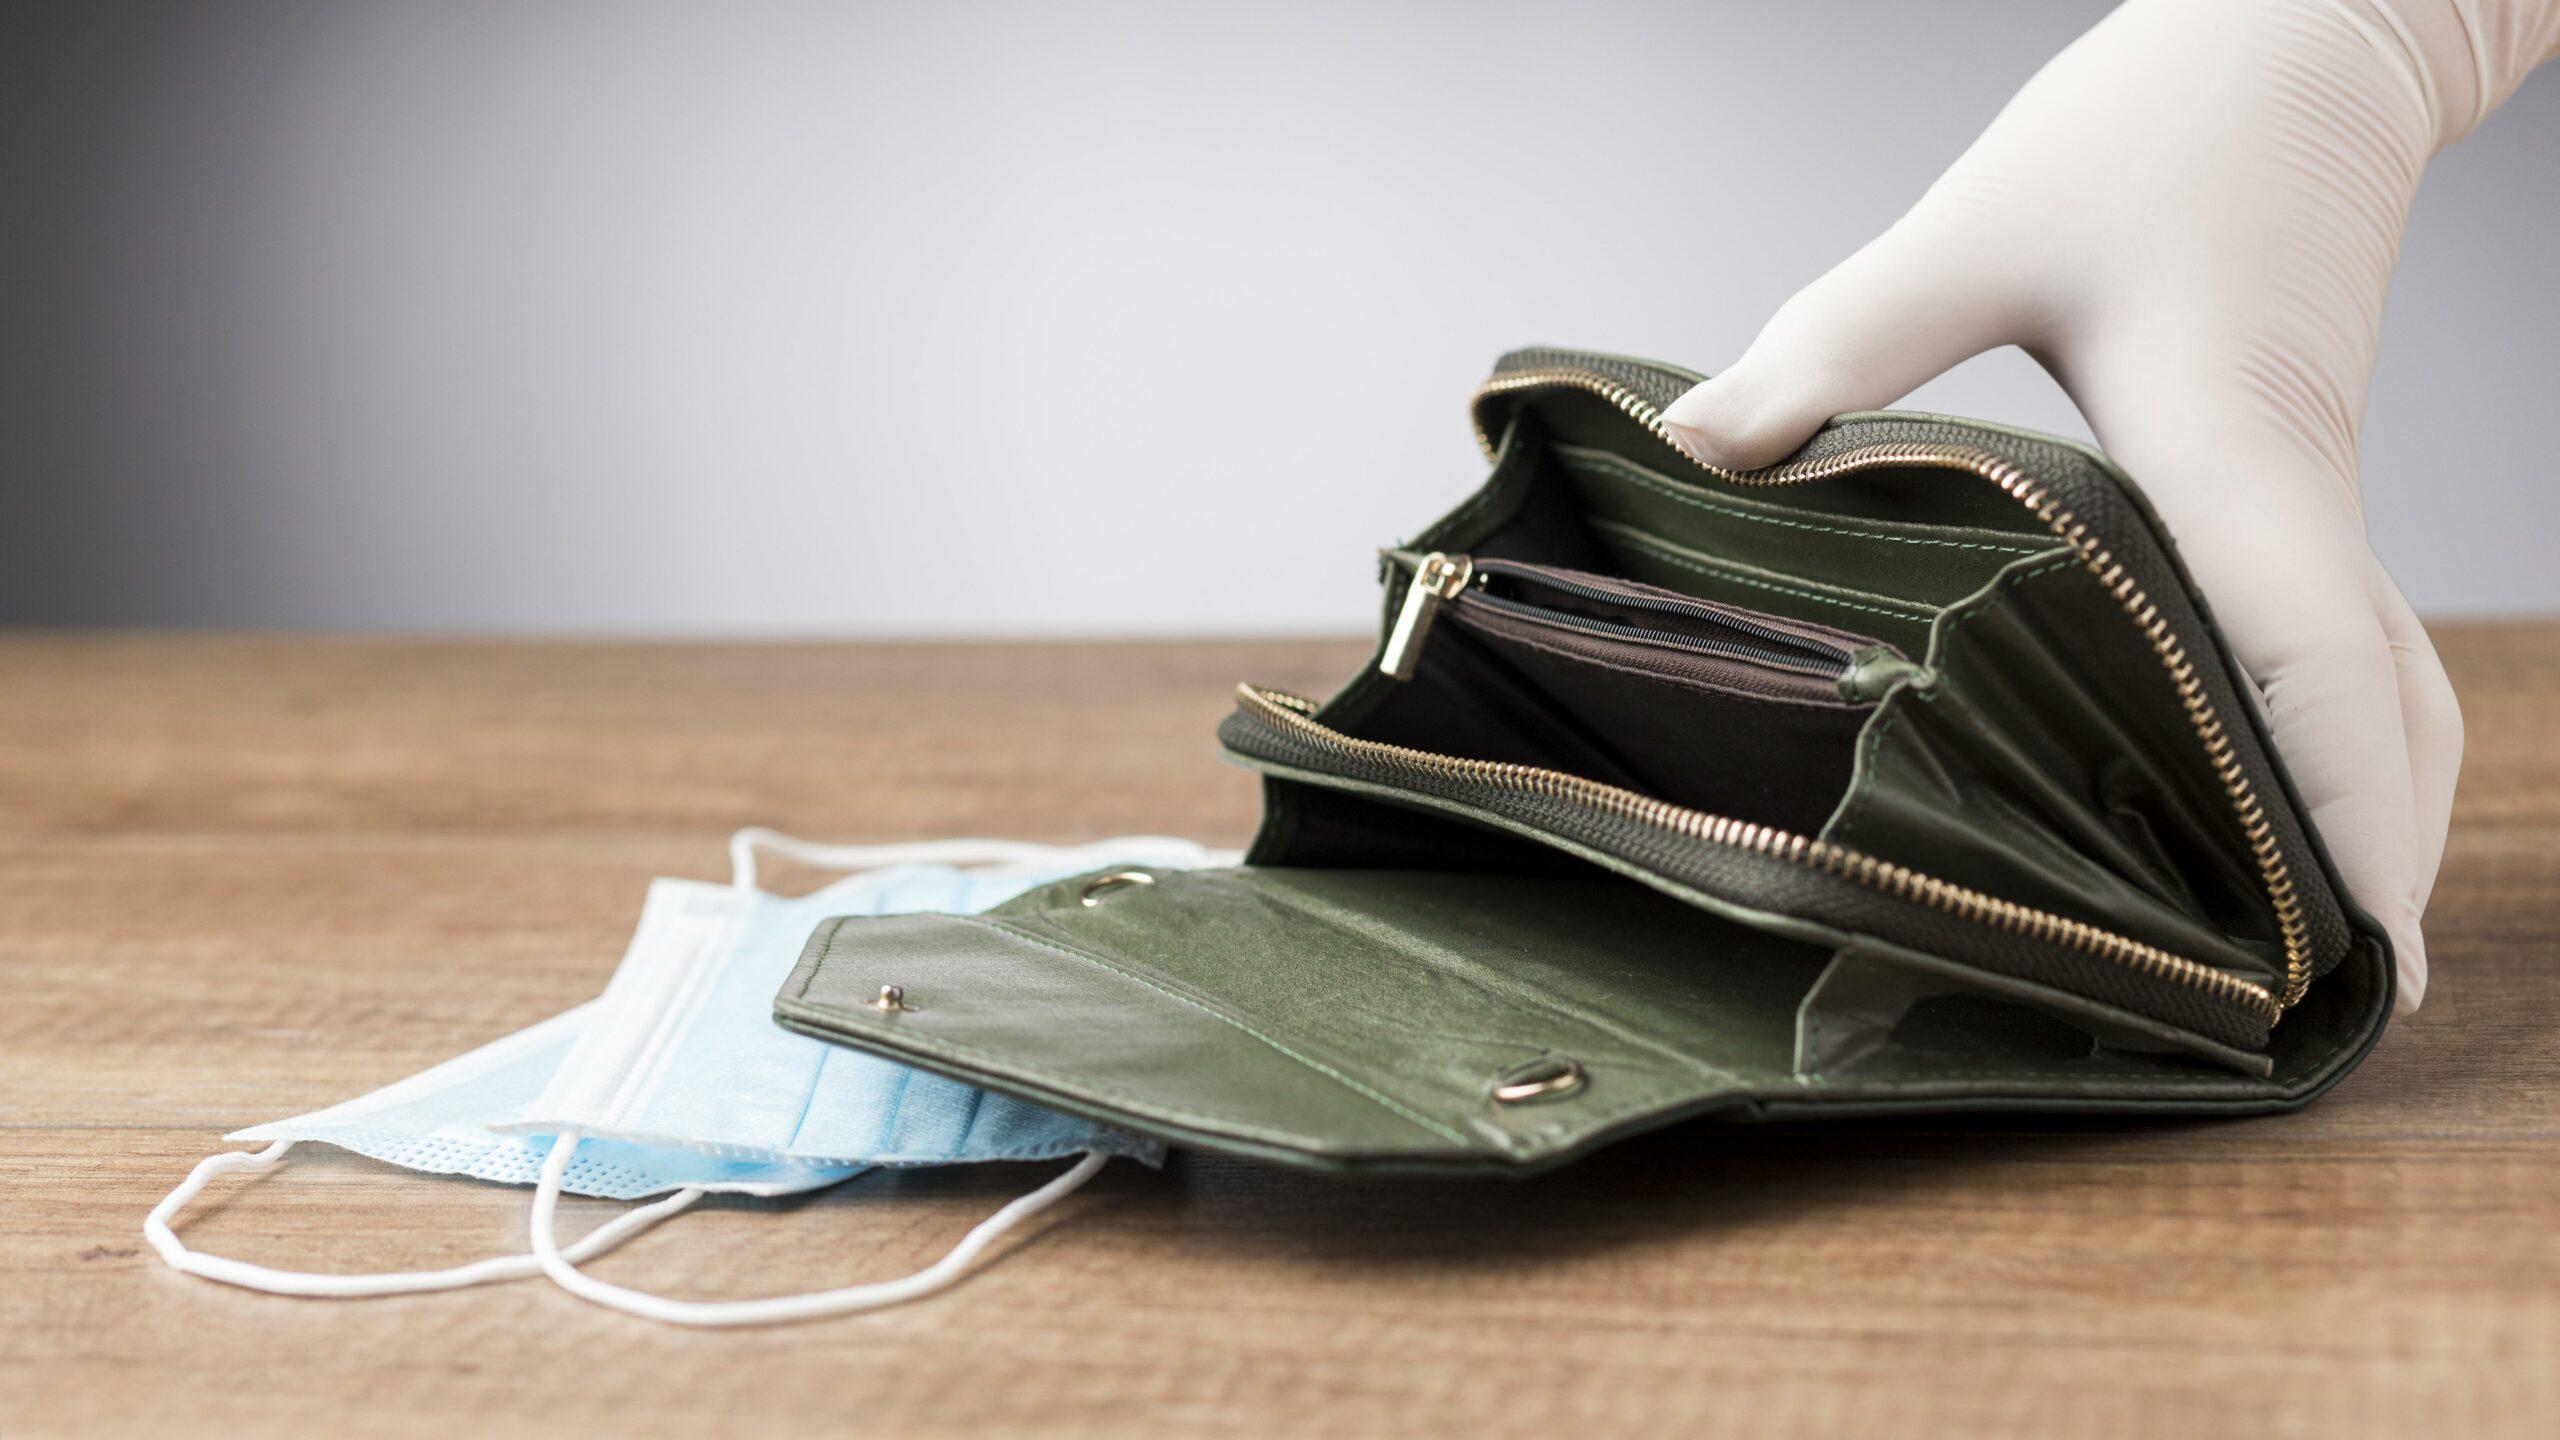 minha carteira está vazia, preciso de dinheiro rápido